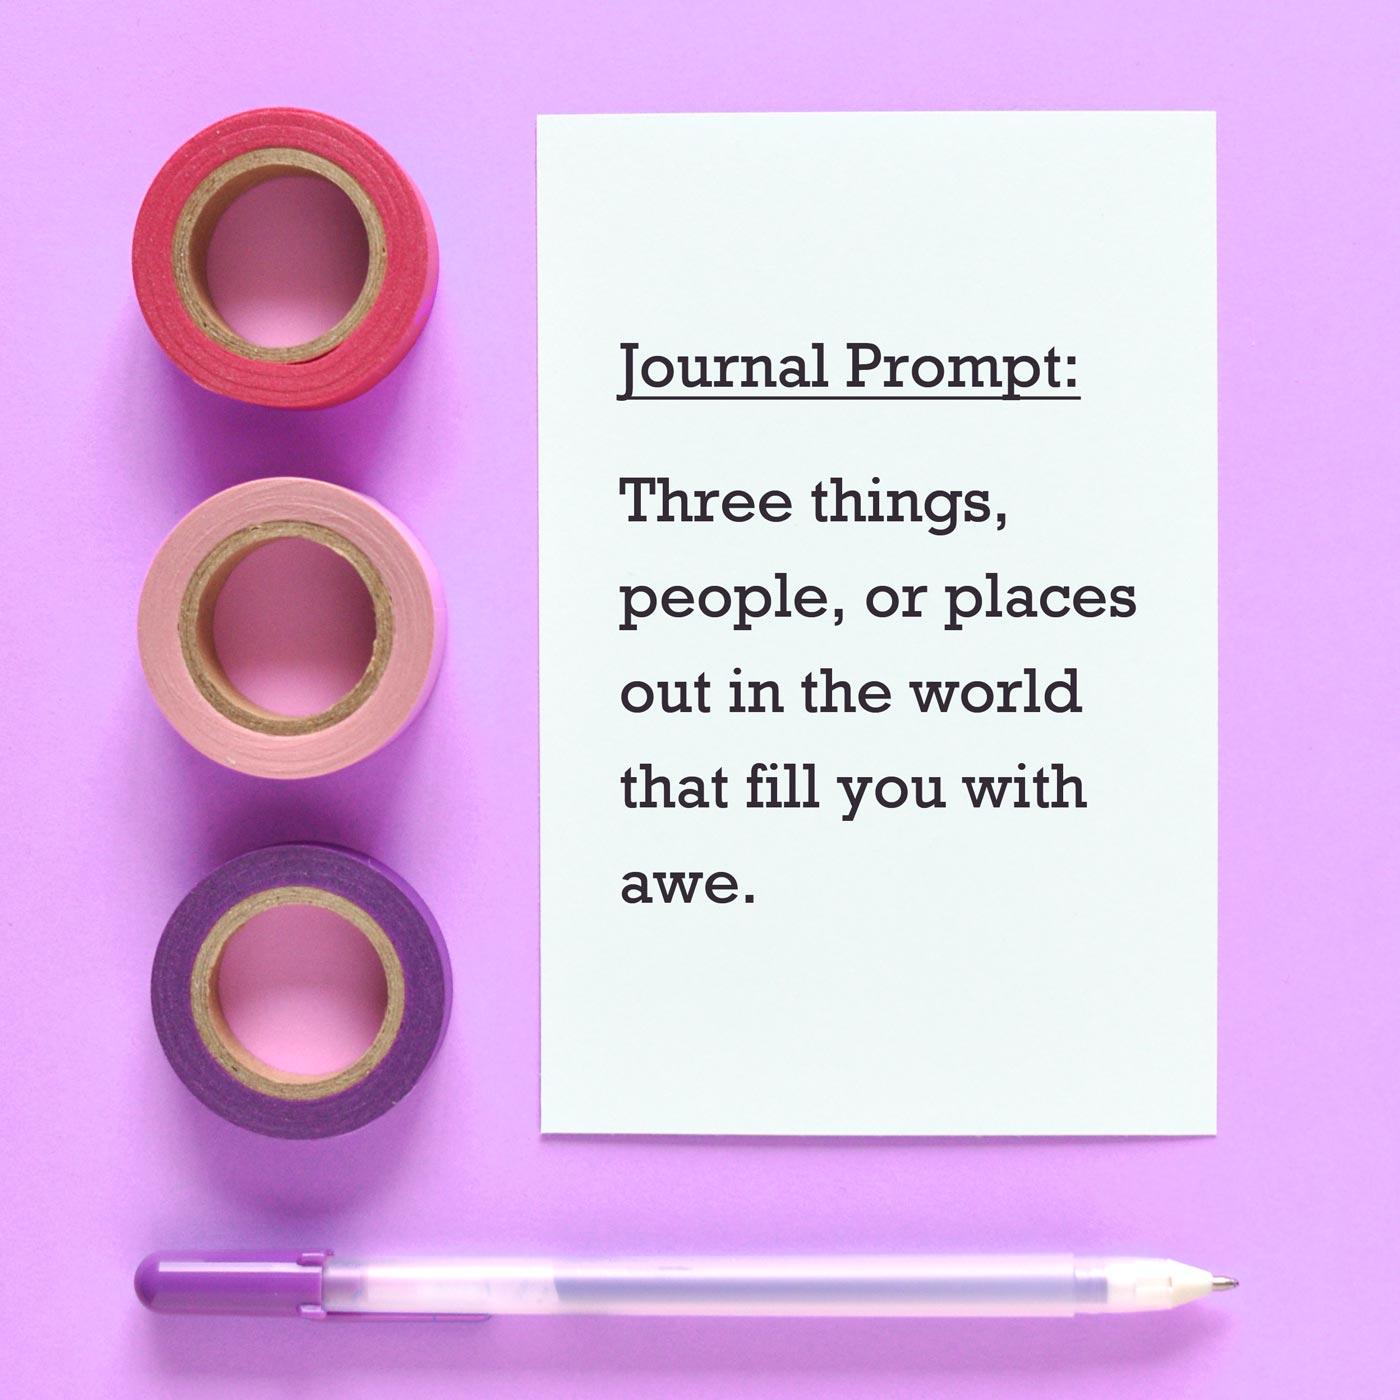 02-02-2018---Journal-prompt-by-Christie-Zimmer2.jpg